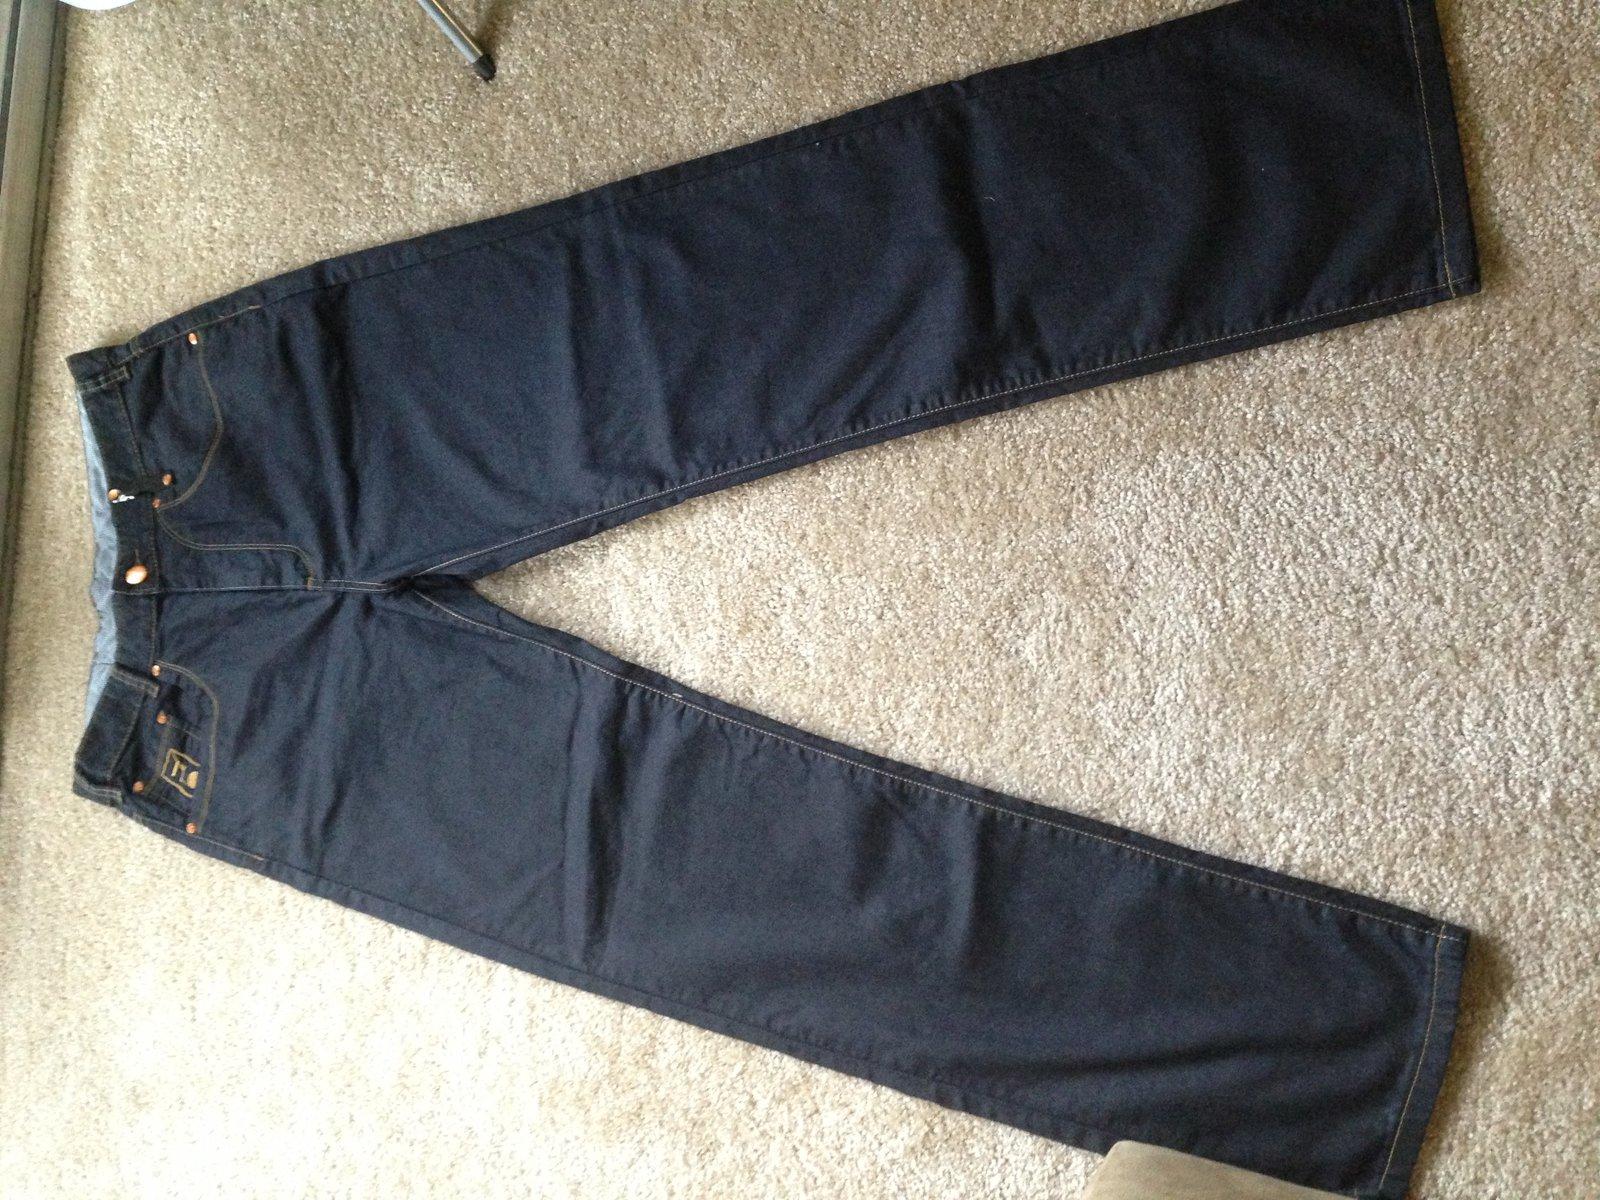 FD Wear Pants #2 Photo #1